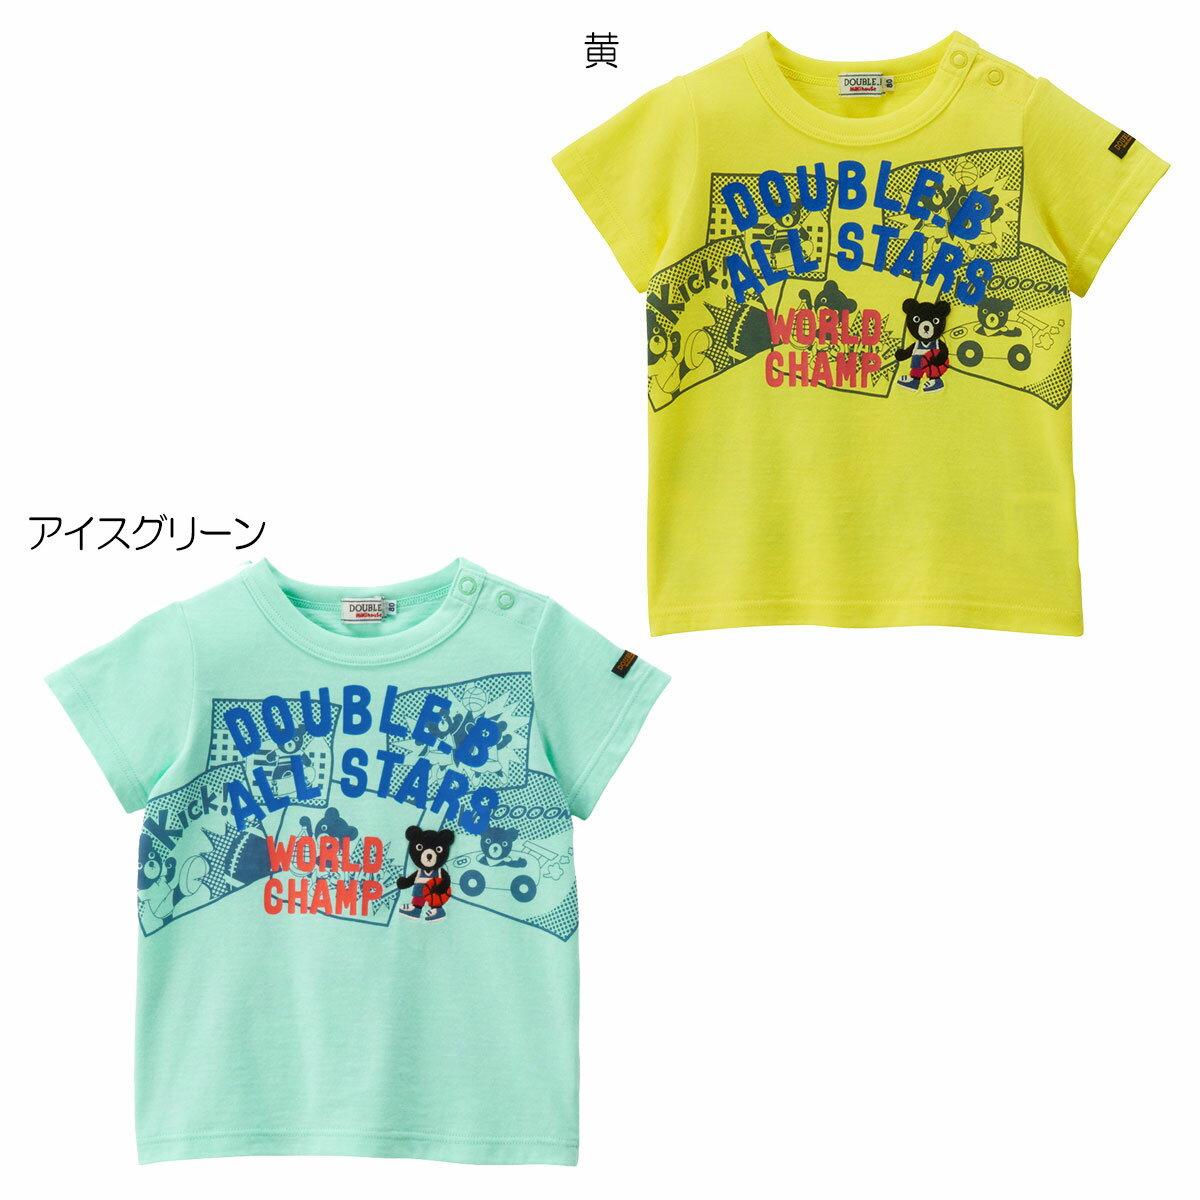 【30%OFF】【ダブルB】アメコミ風プリント半袖Tシャツ (120cm・130cm)